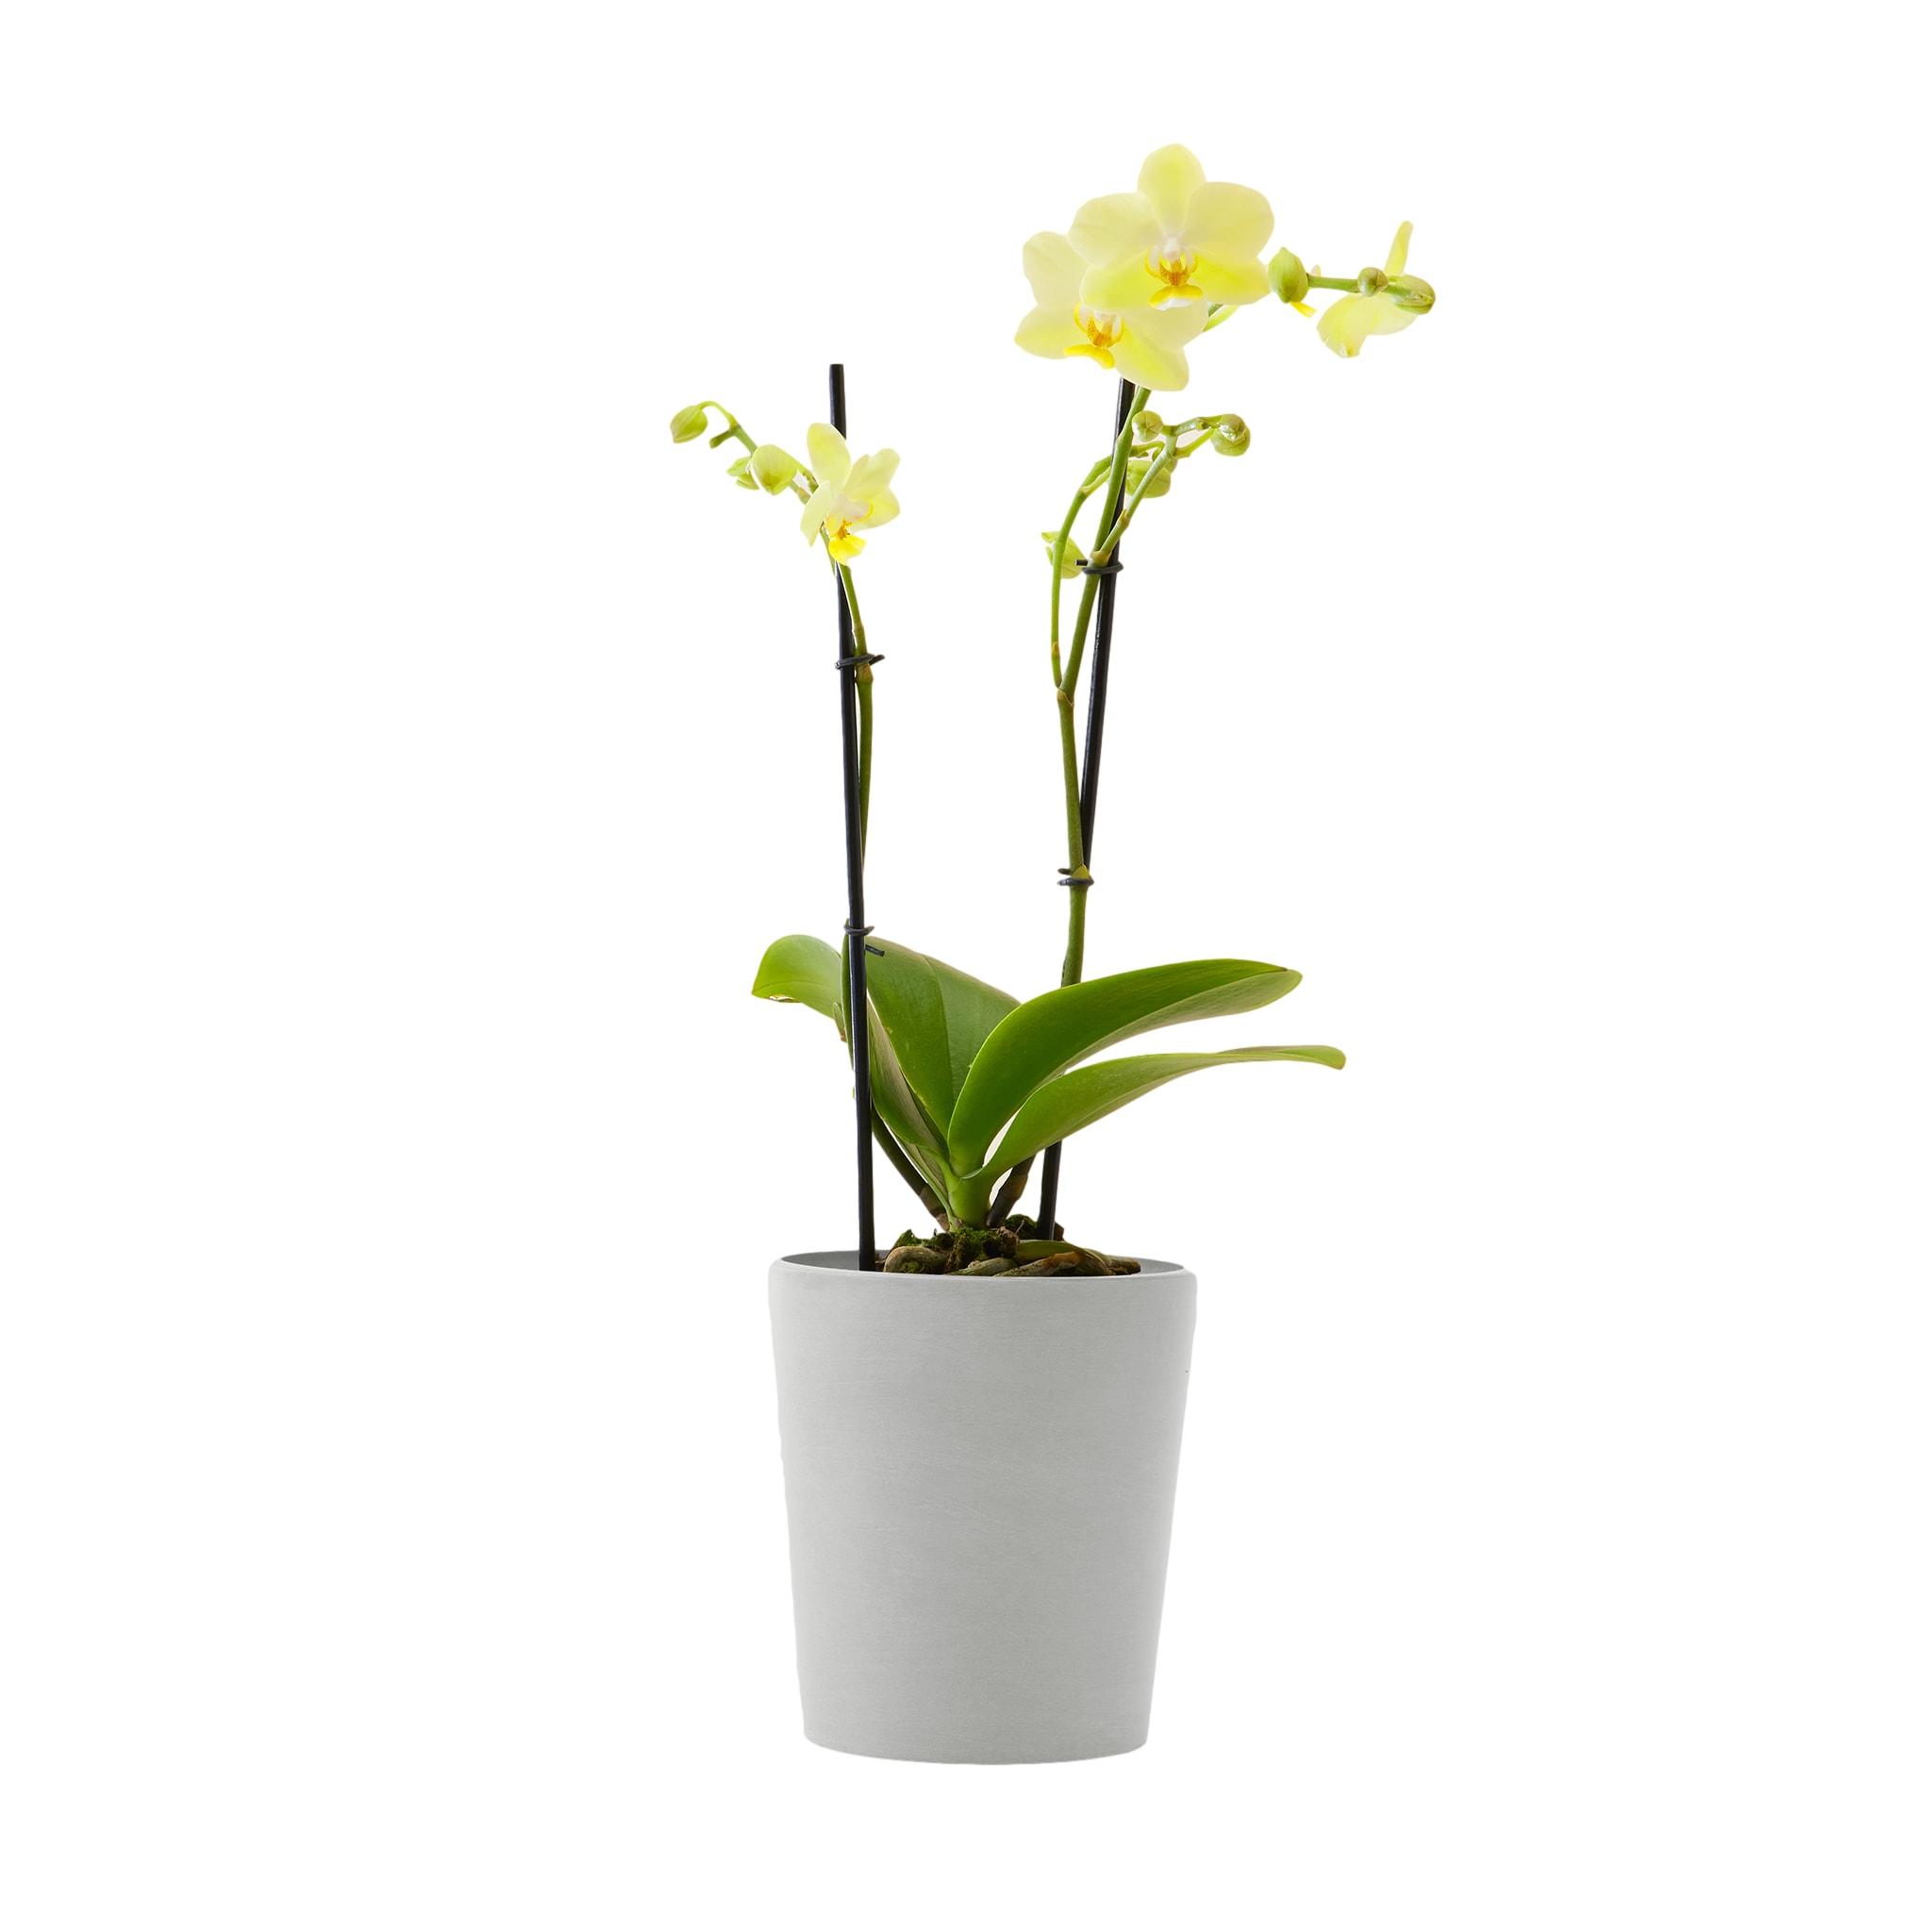 Plante d'intérieur - Orchidée jaune 50 cm en pot blanc gris